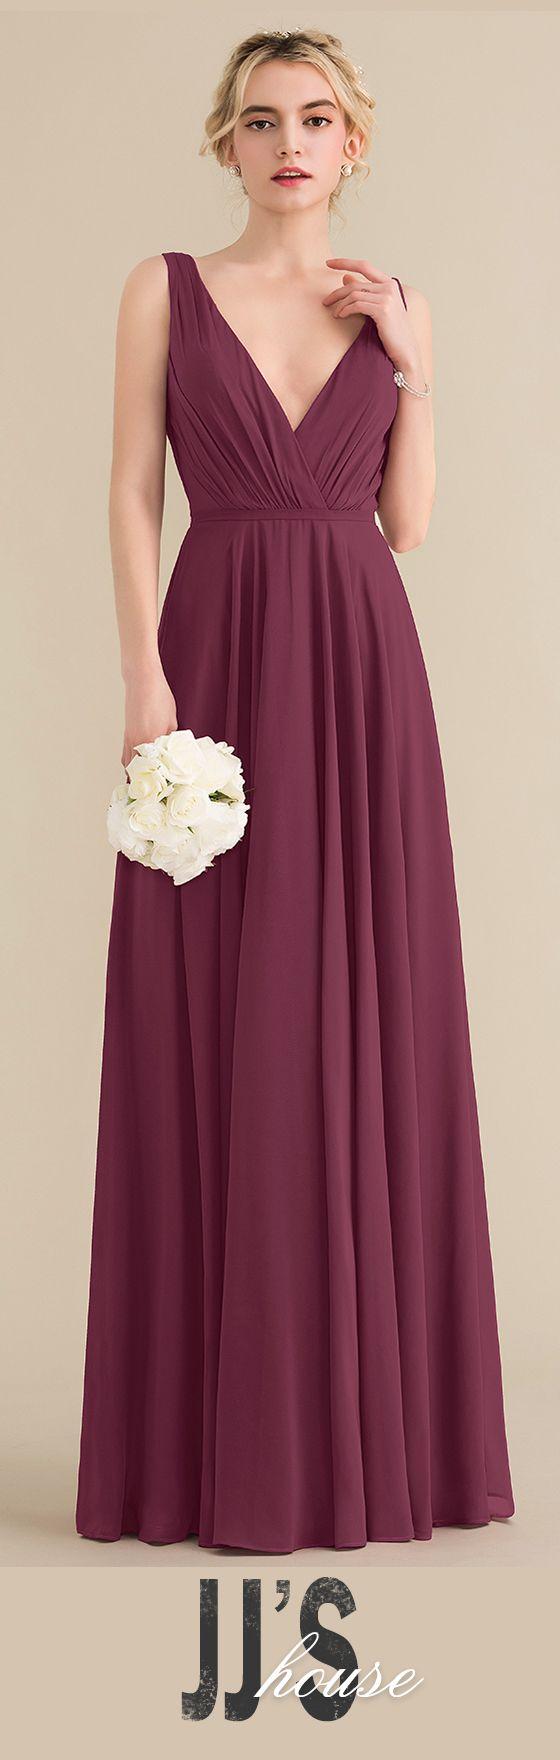 553 mejores imágenes de JJsHouse Bridesmaid Dresses en Pinterest